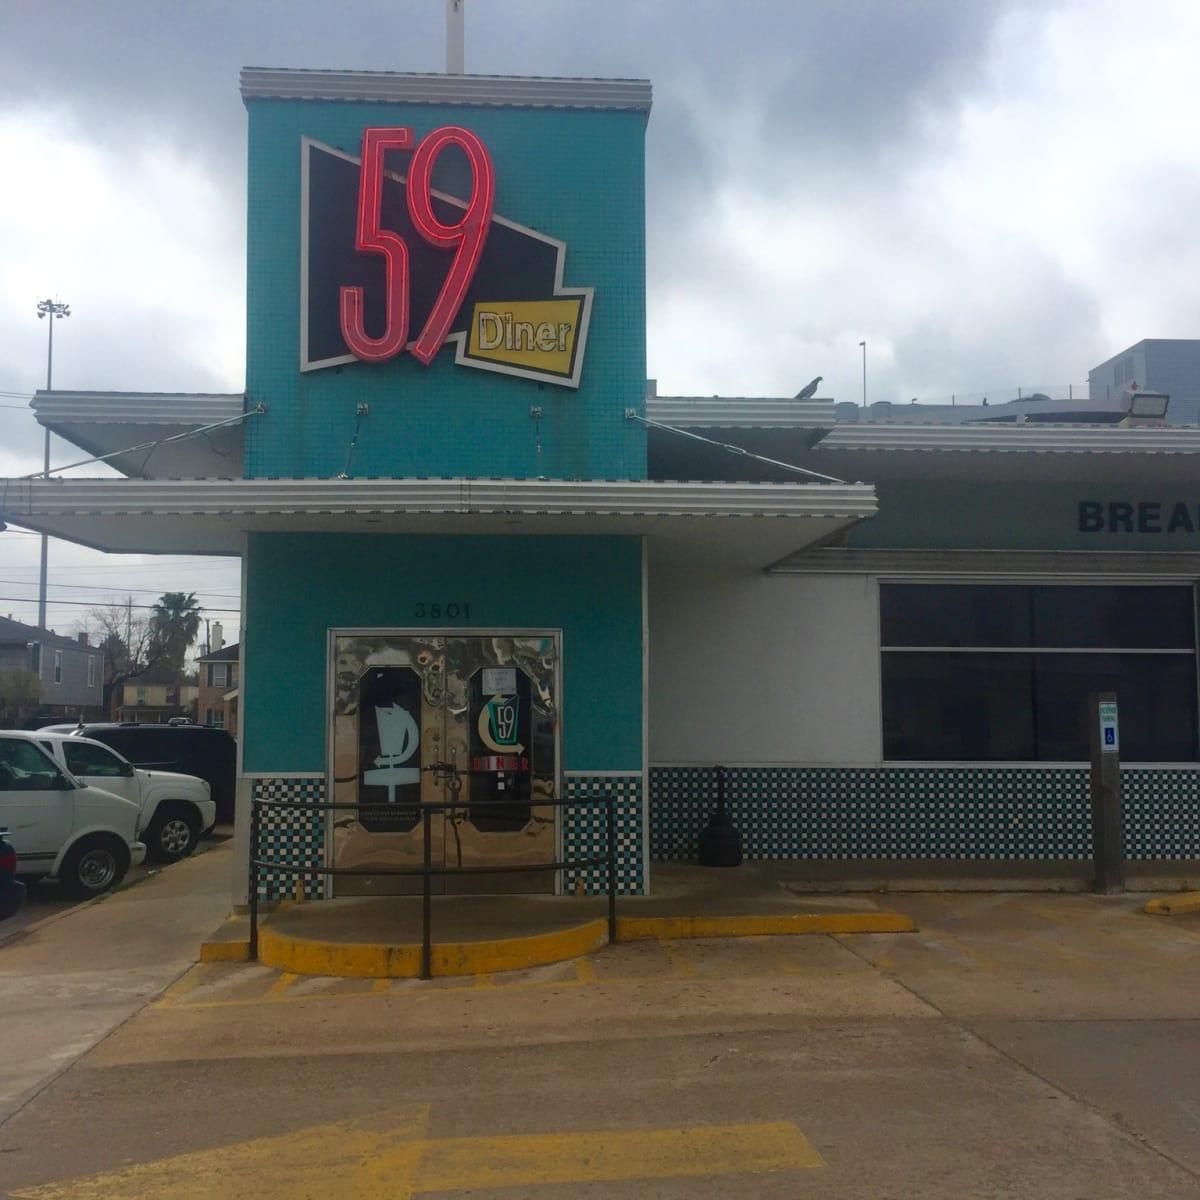 59 Diner closed